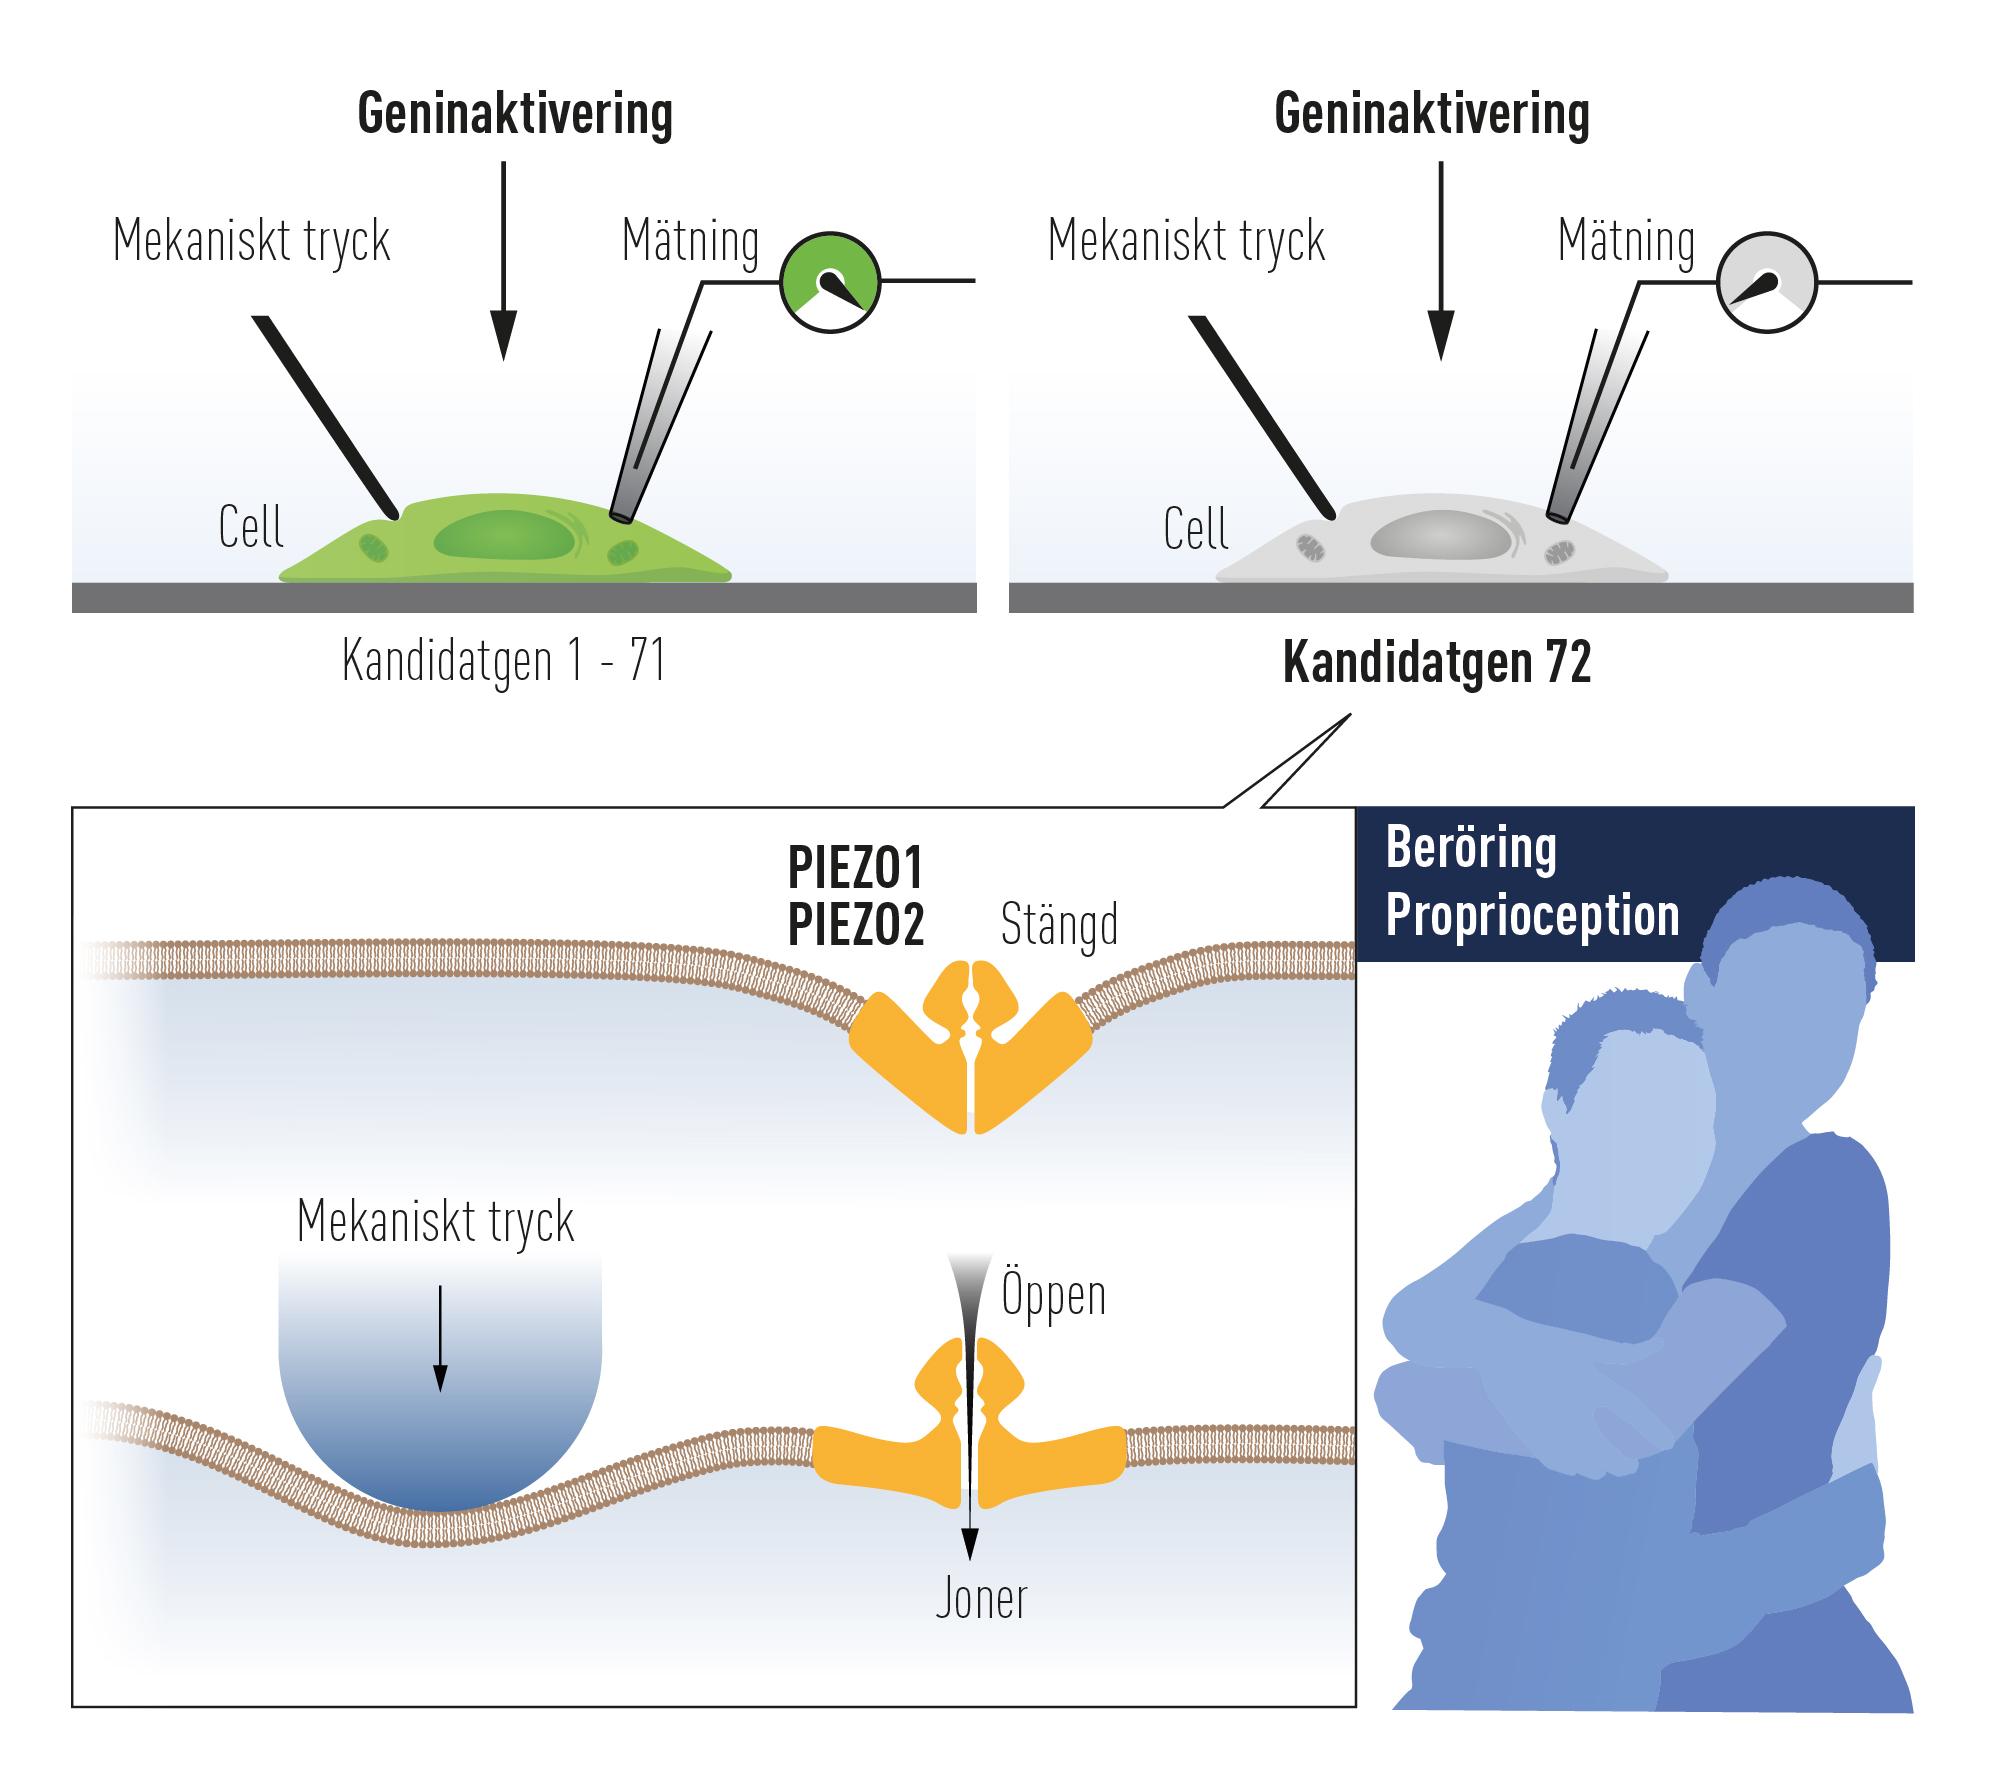 Tryckkänsliga celler